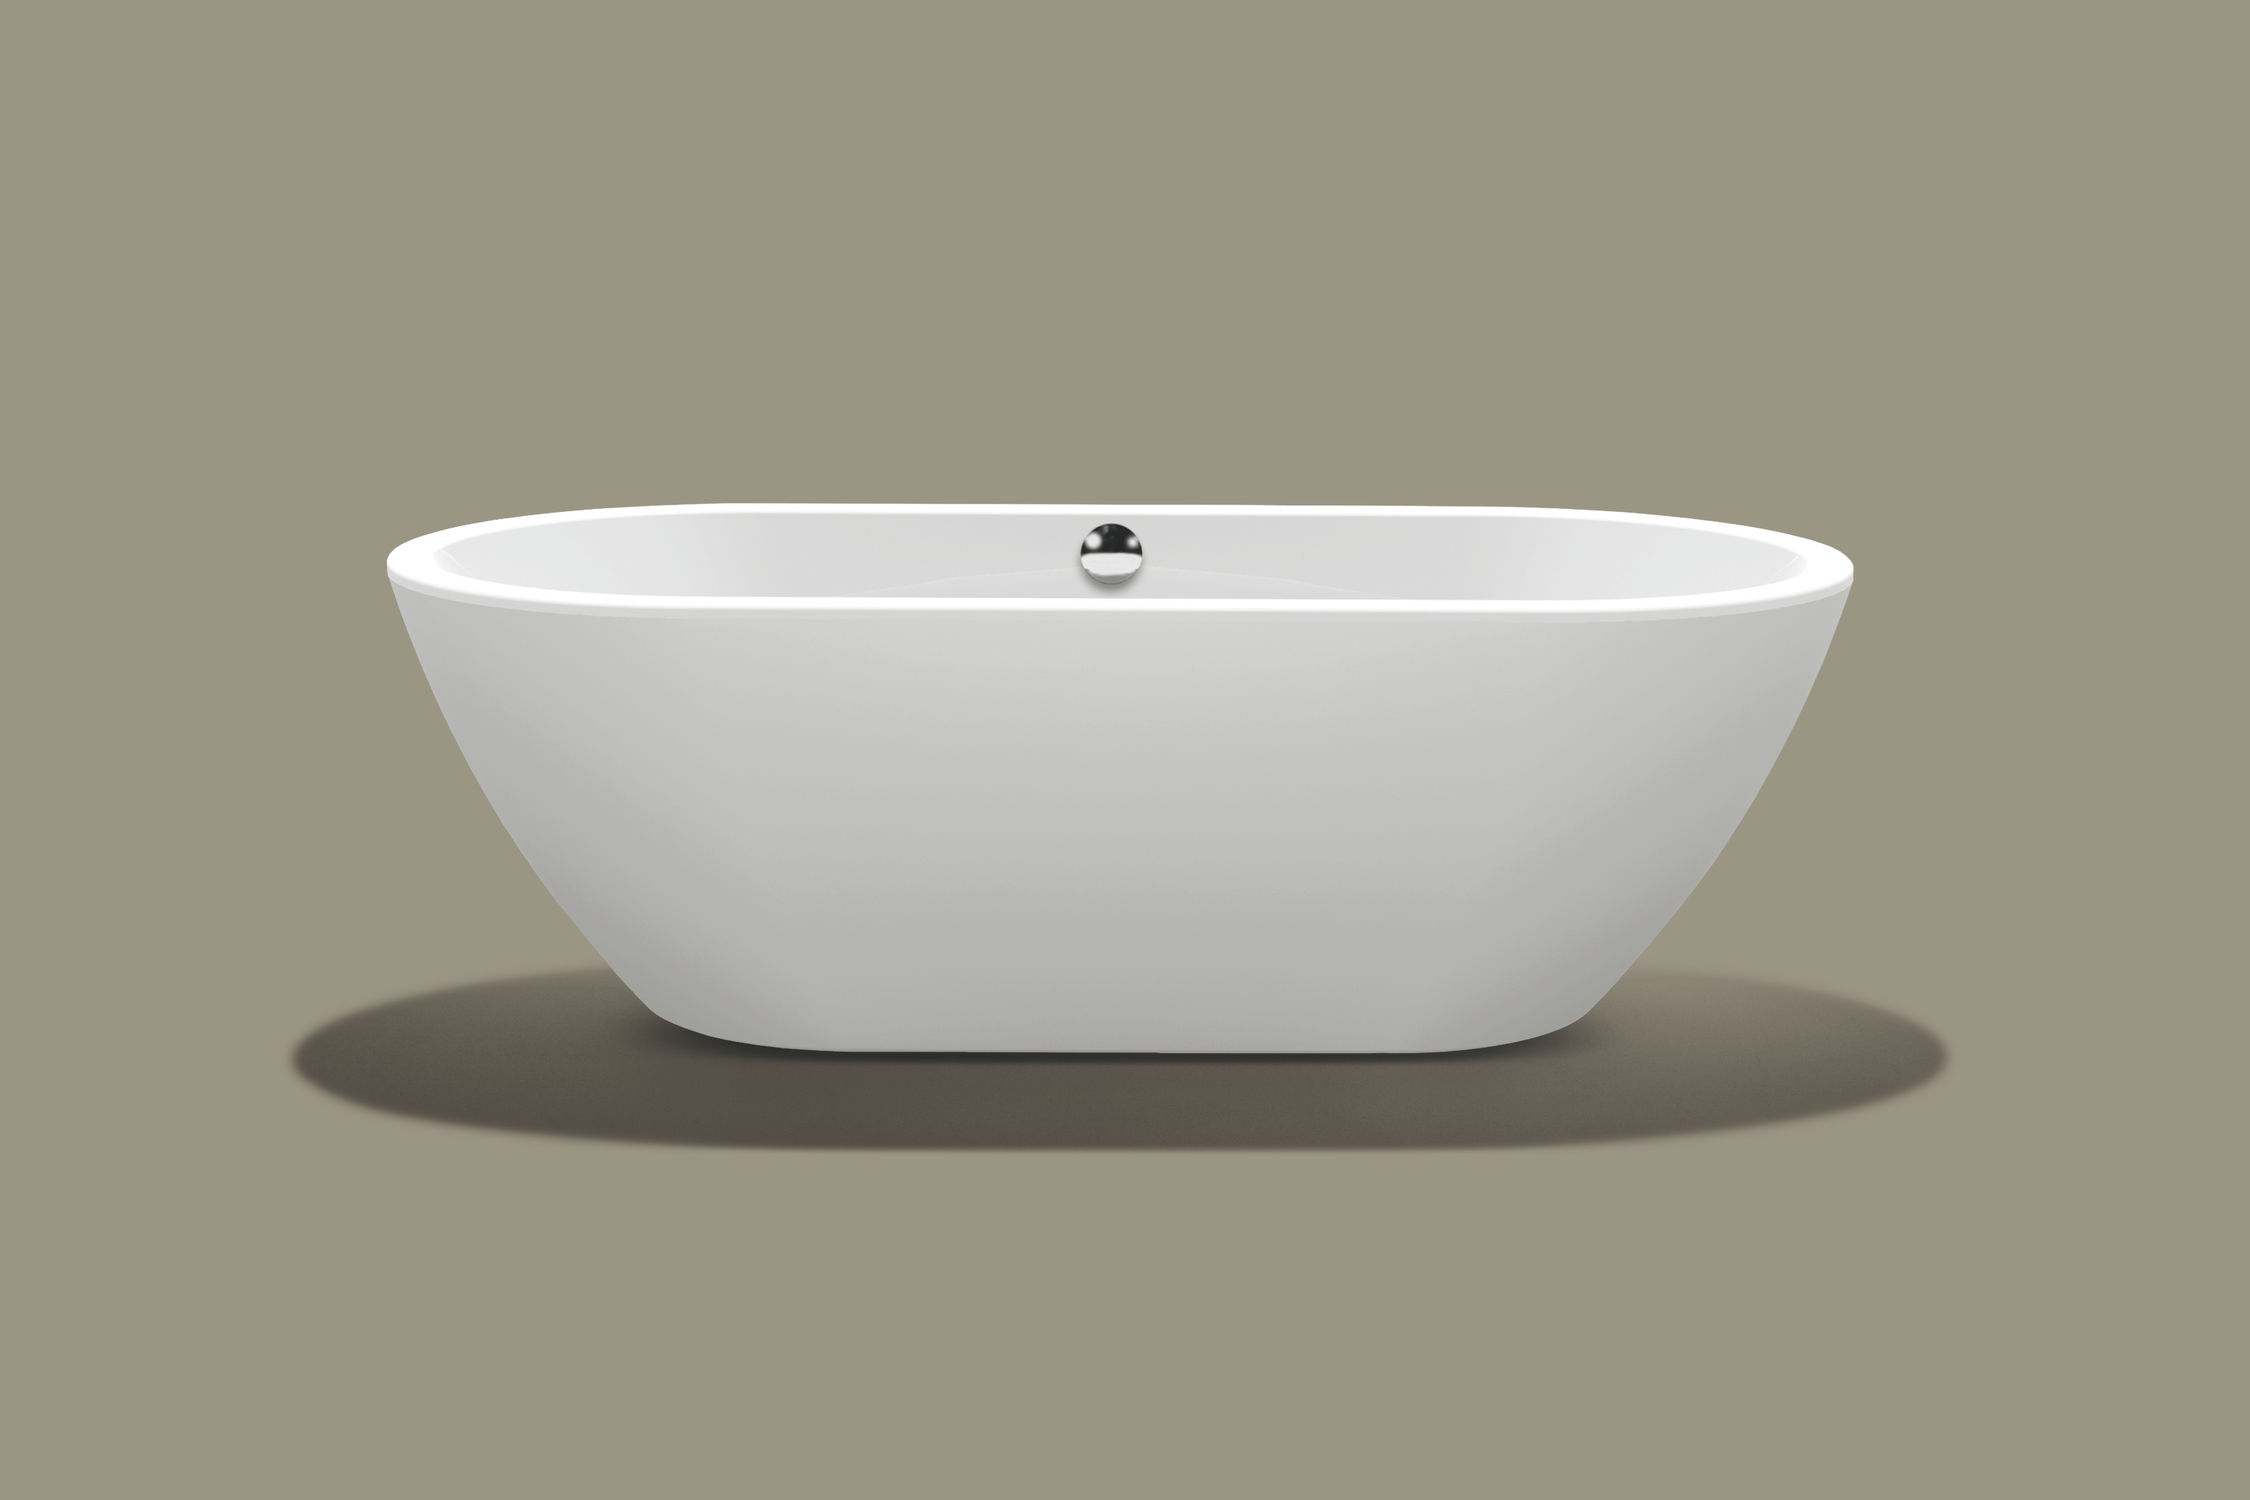 vasca da bagno da appoggio ovale in acrilico form